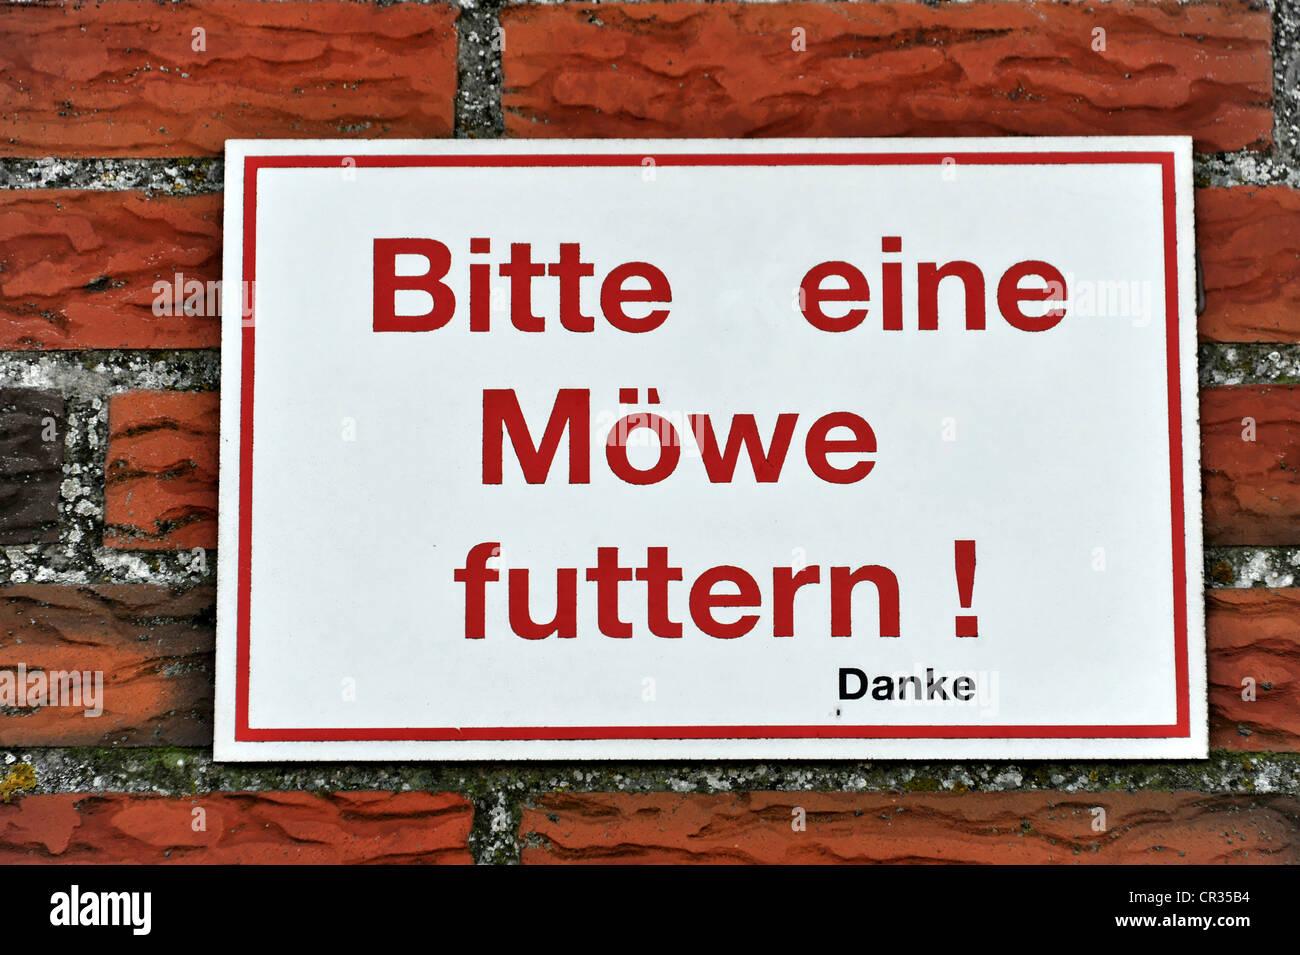 Bitte eine Moewe futtern, Please feed a seagull, altered sign at a restaurant, Eidersperrwerk, Eider Barrage - Stock Image